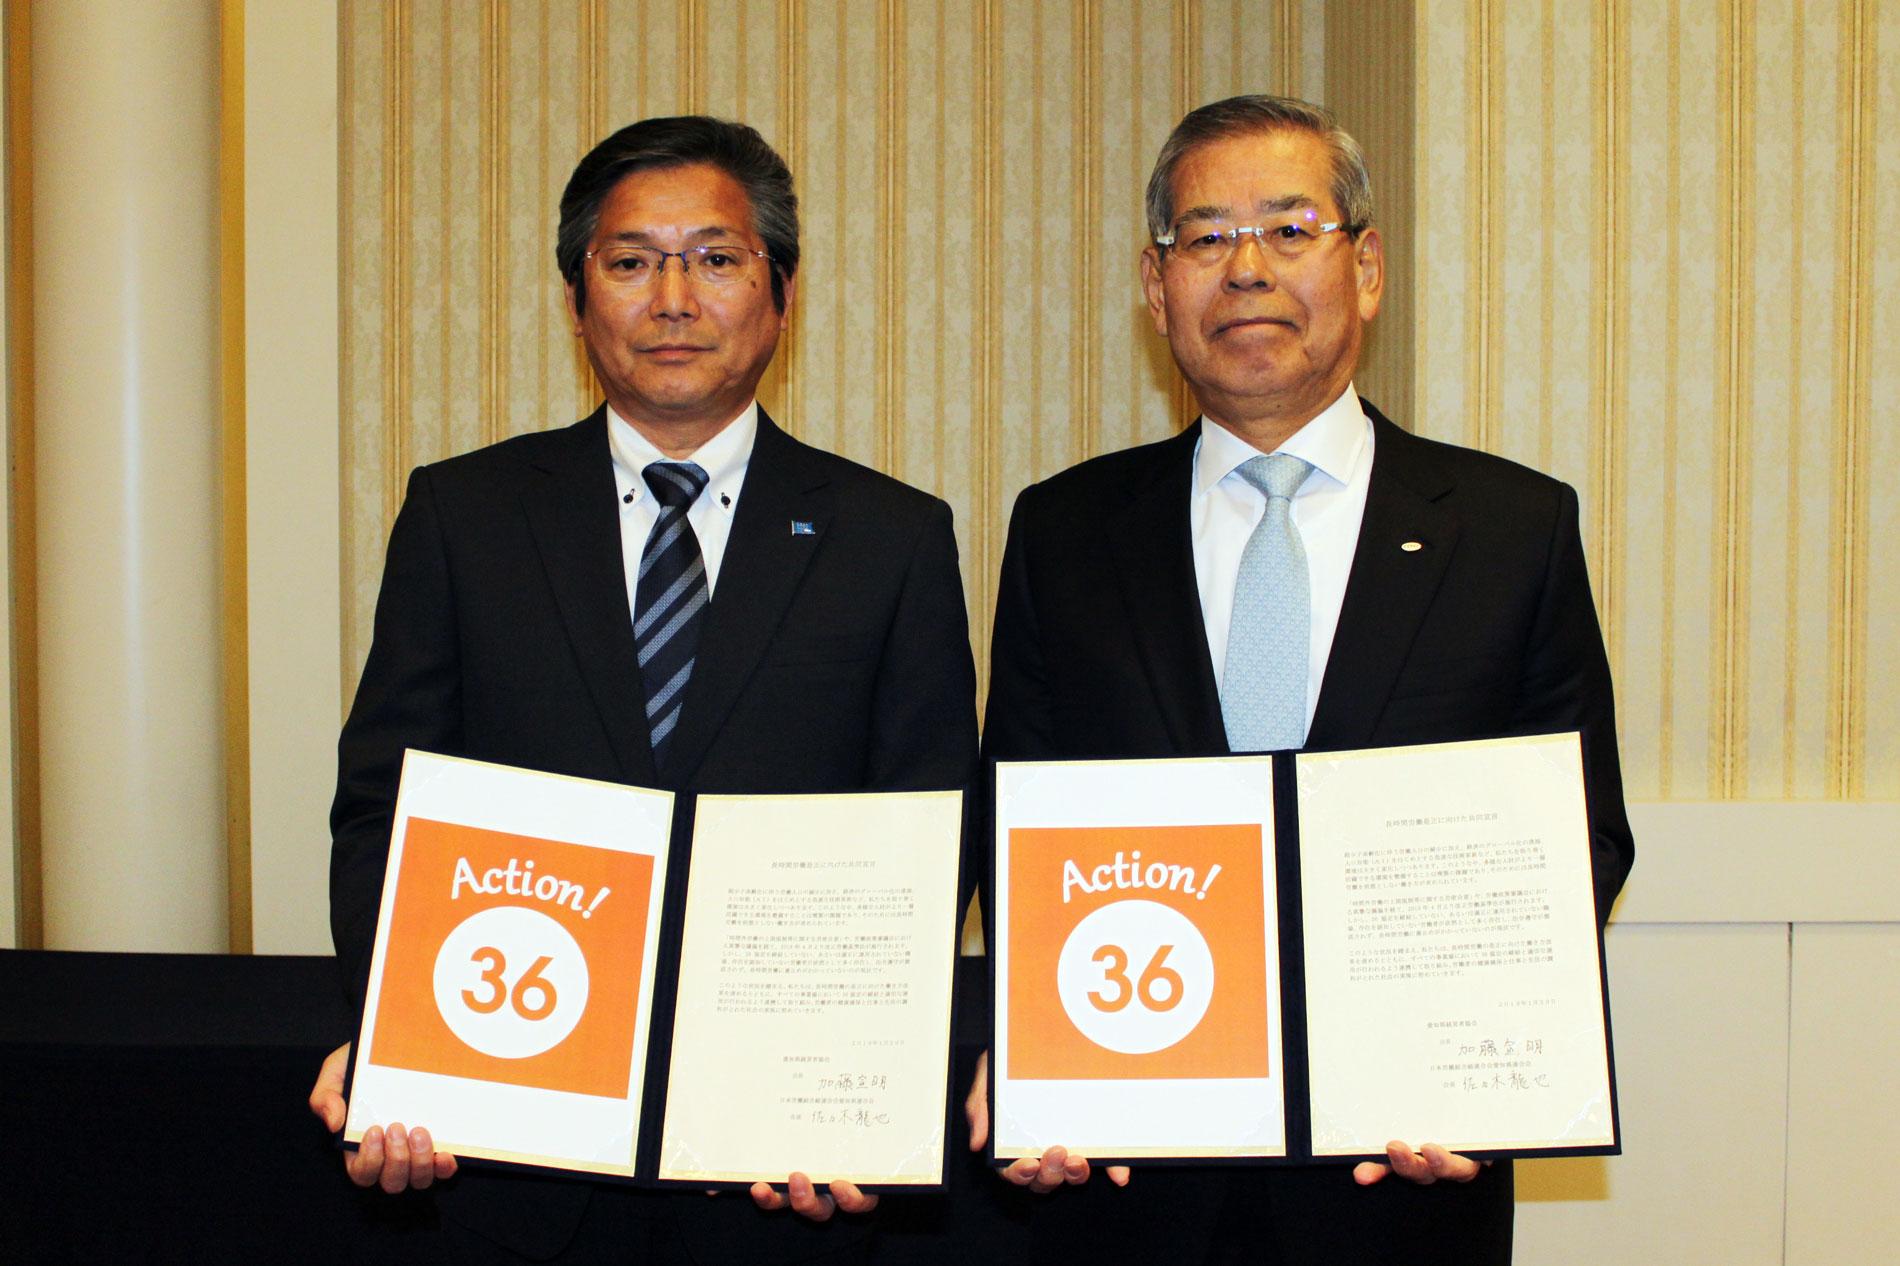 愛知県経営者協会との 長時間労働是正に向けた共同宣言